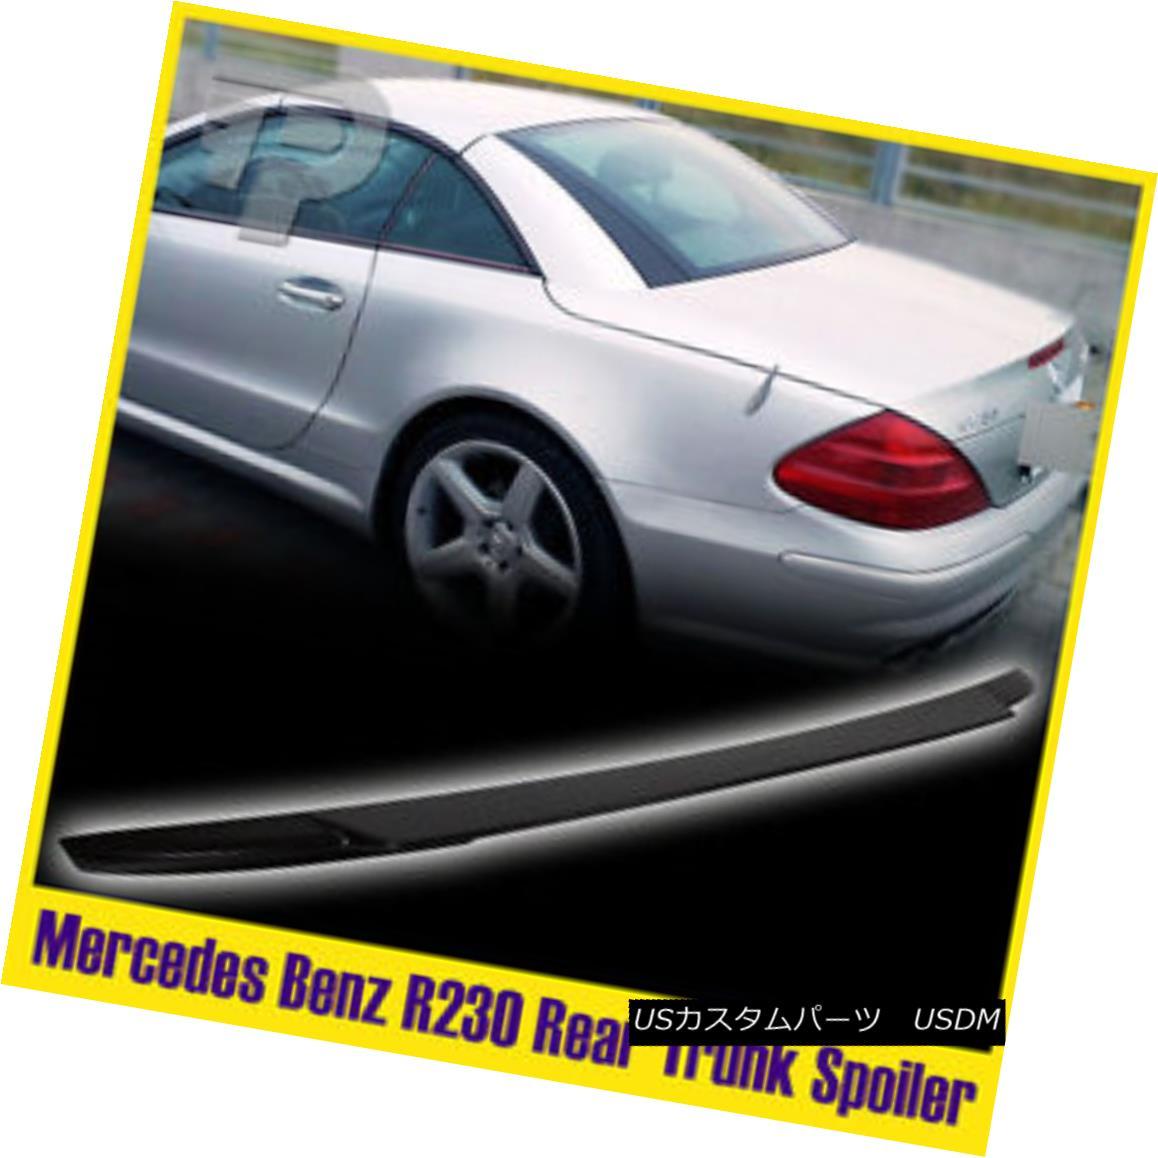 エアロパーツ Unpainted FOR Benz 03-11 R230 Convertible V-Type Rear Trunk Wing Spoiler SL500 未塗装のFOR Benz 03-11 R230コンバーチブルVタイプ後部トランクウィングスポイラーSL500